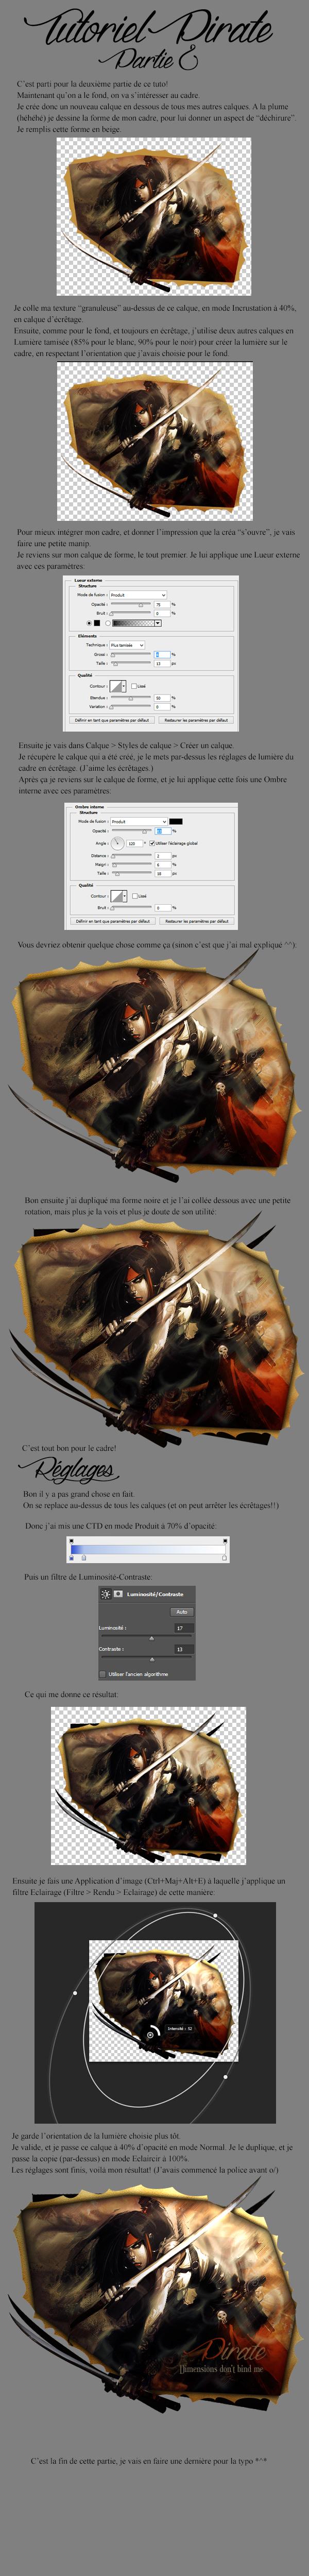 Création complète Pirate (niveau intermédiaire) 604214tutopirate2